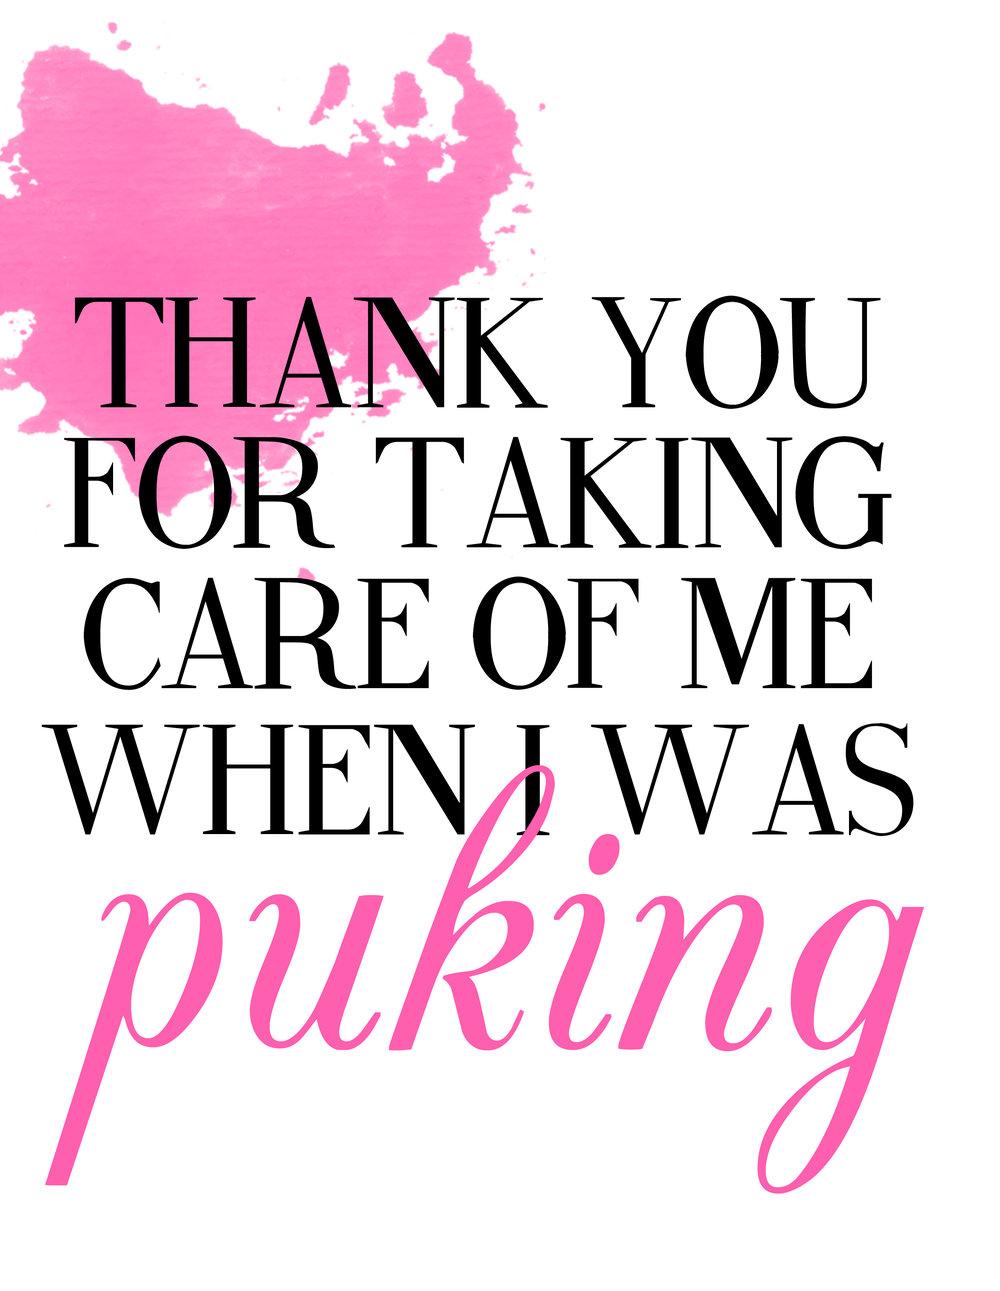 thankyou_puking.jpg